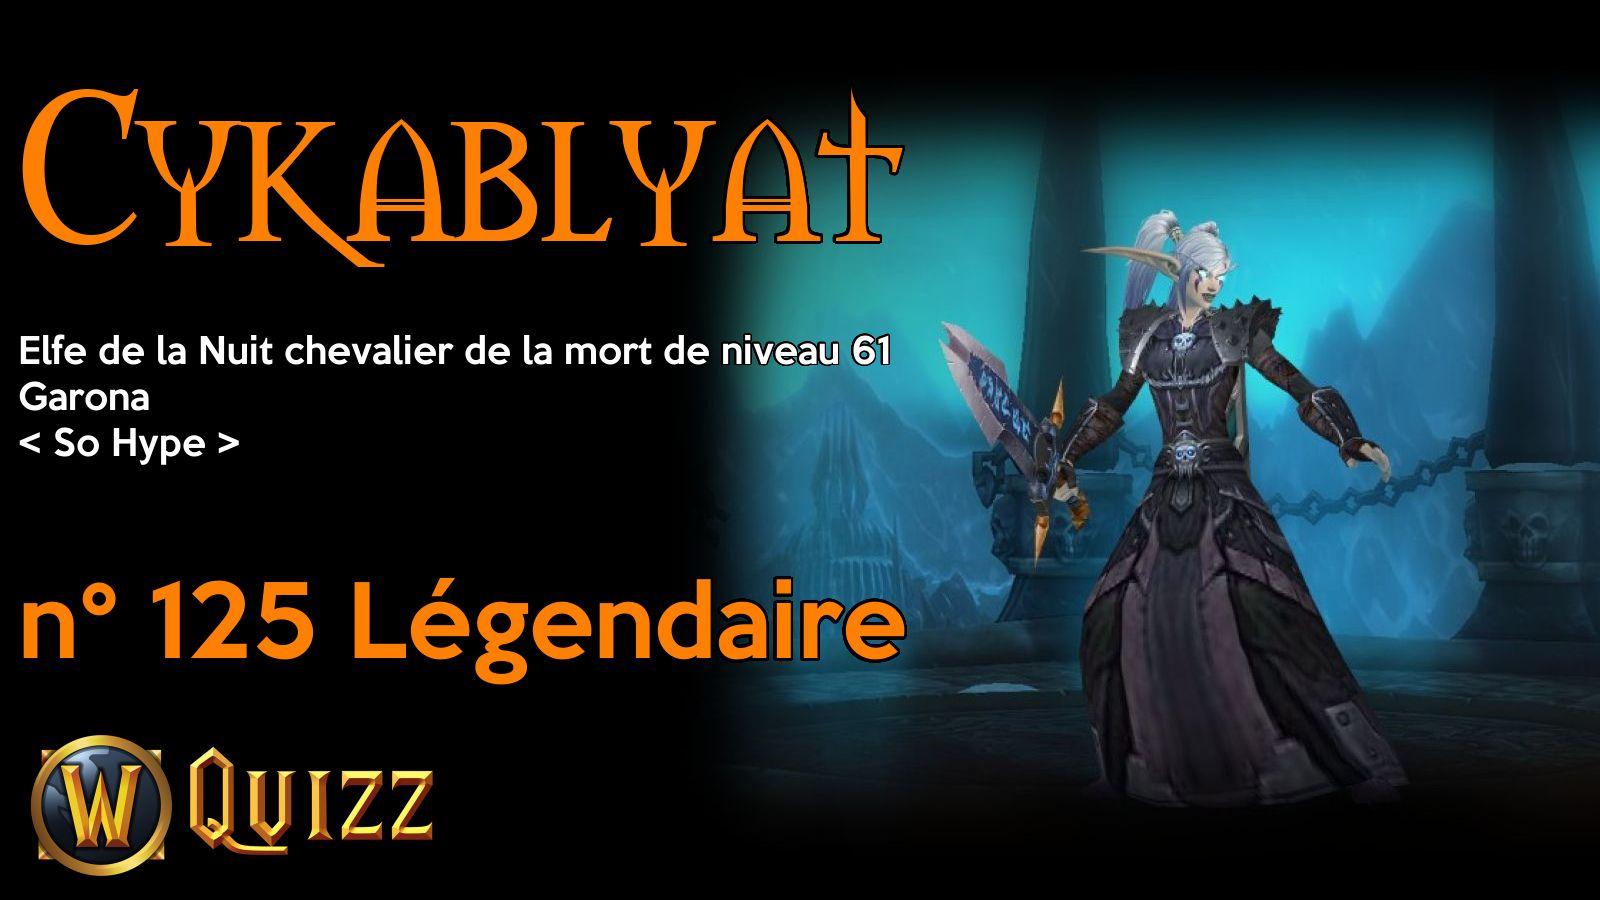 Cykablyat, Elfe de la Nuit chevalier de la mort de niveau 61, Garona